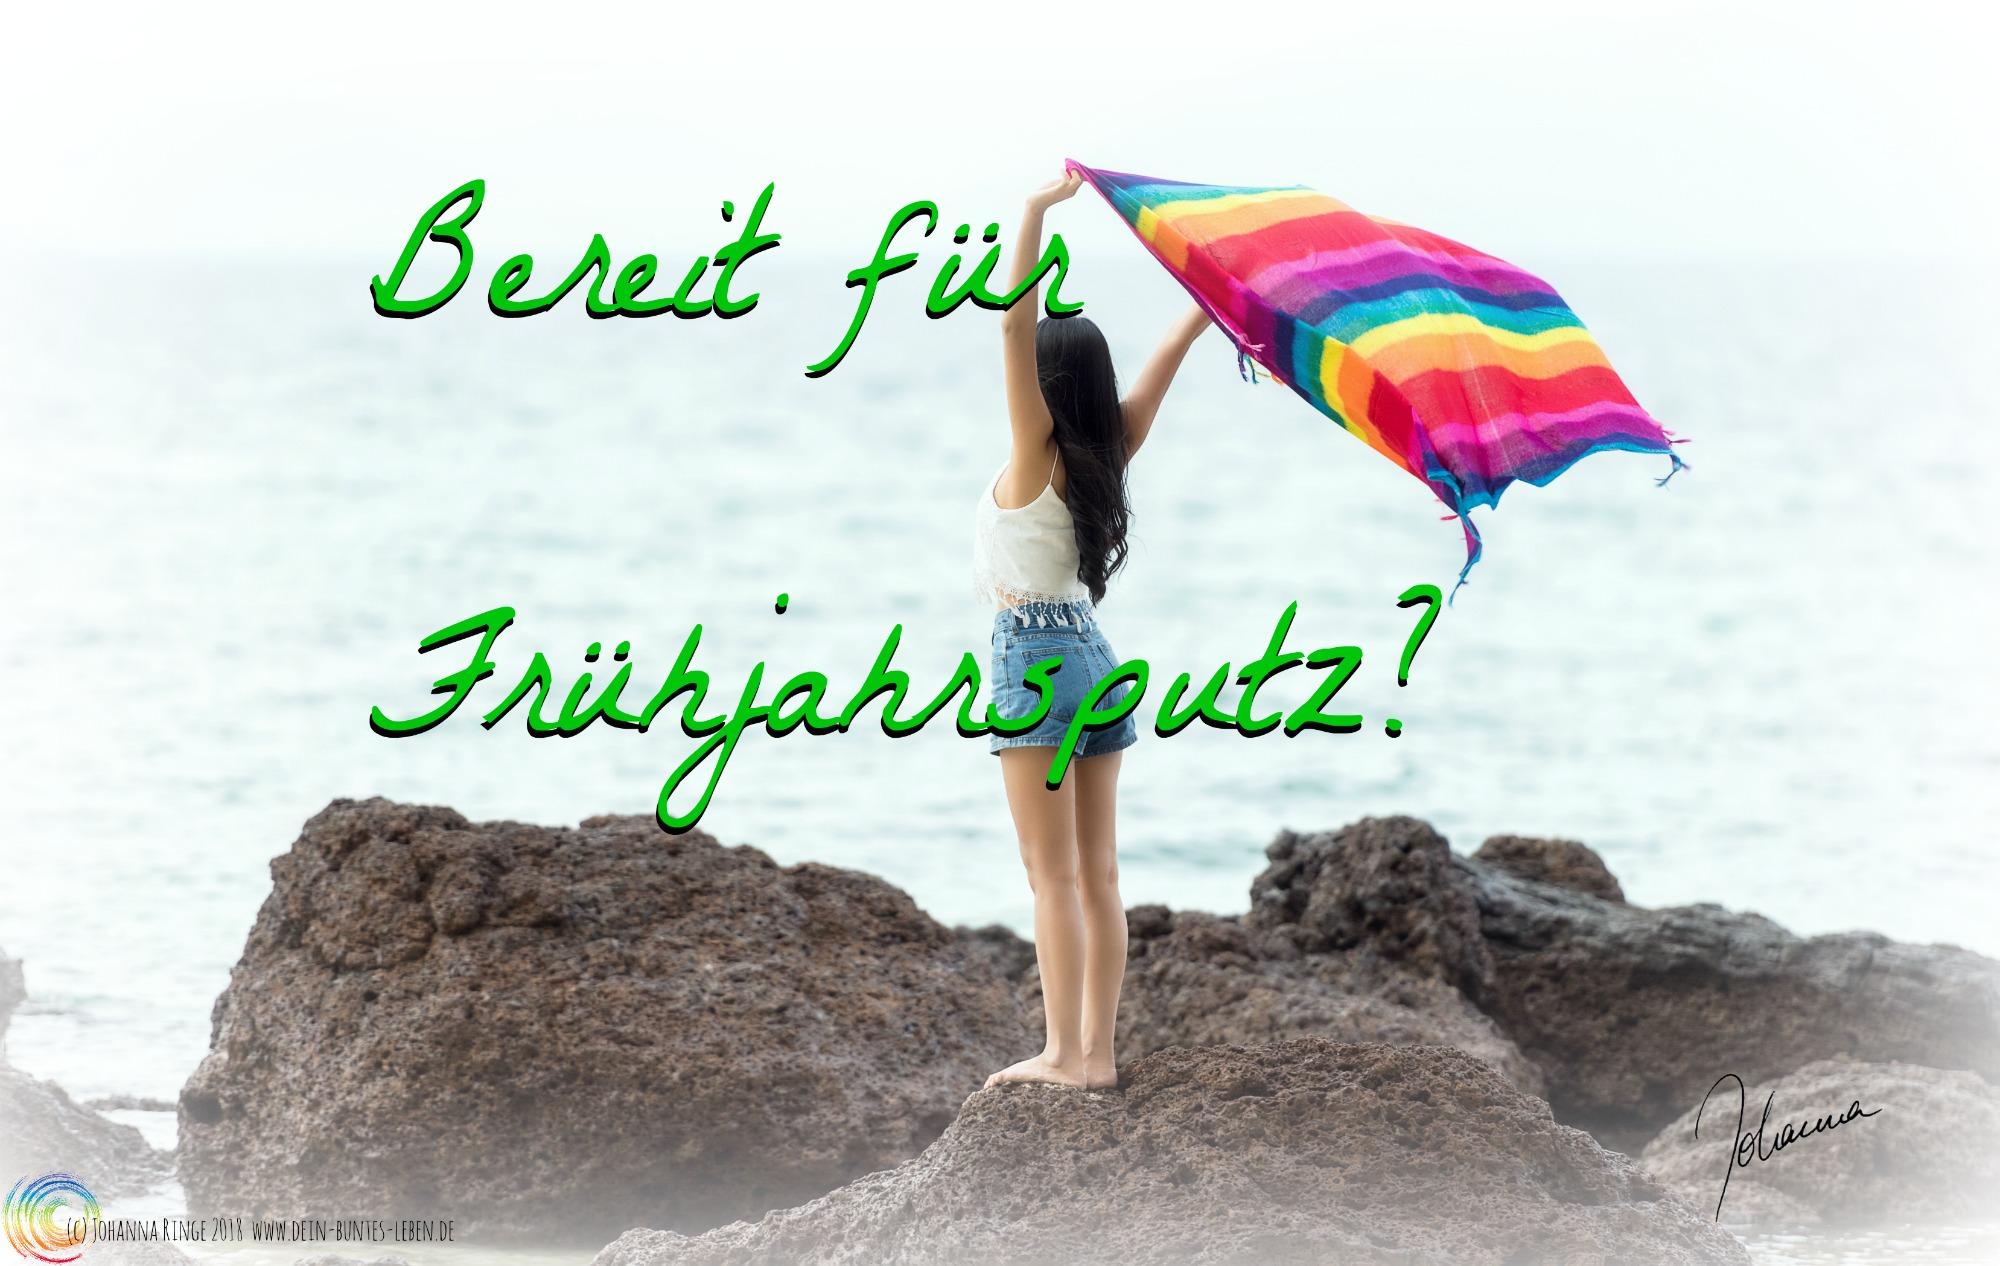 Bereit für Deinen Frühjahrsputz? Text auf Foto von Frau am Meer, die ein buntes Tuch in den Wind hält. (c) Johanna Ringe 2018 www.dein-buntes-leben.de